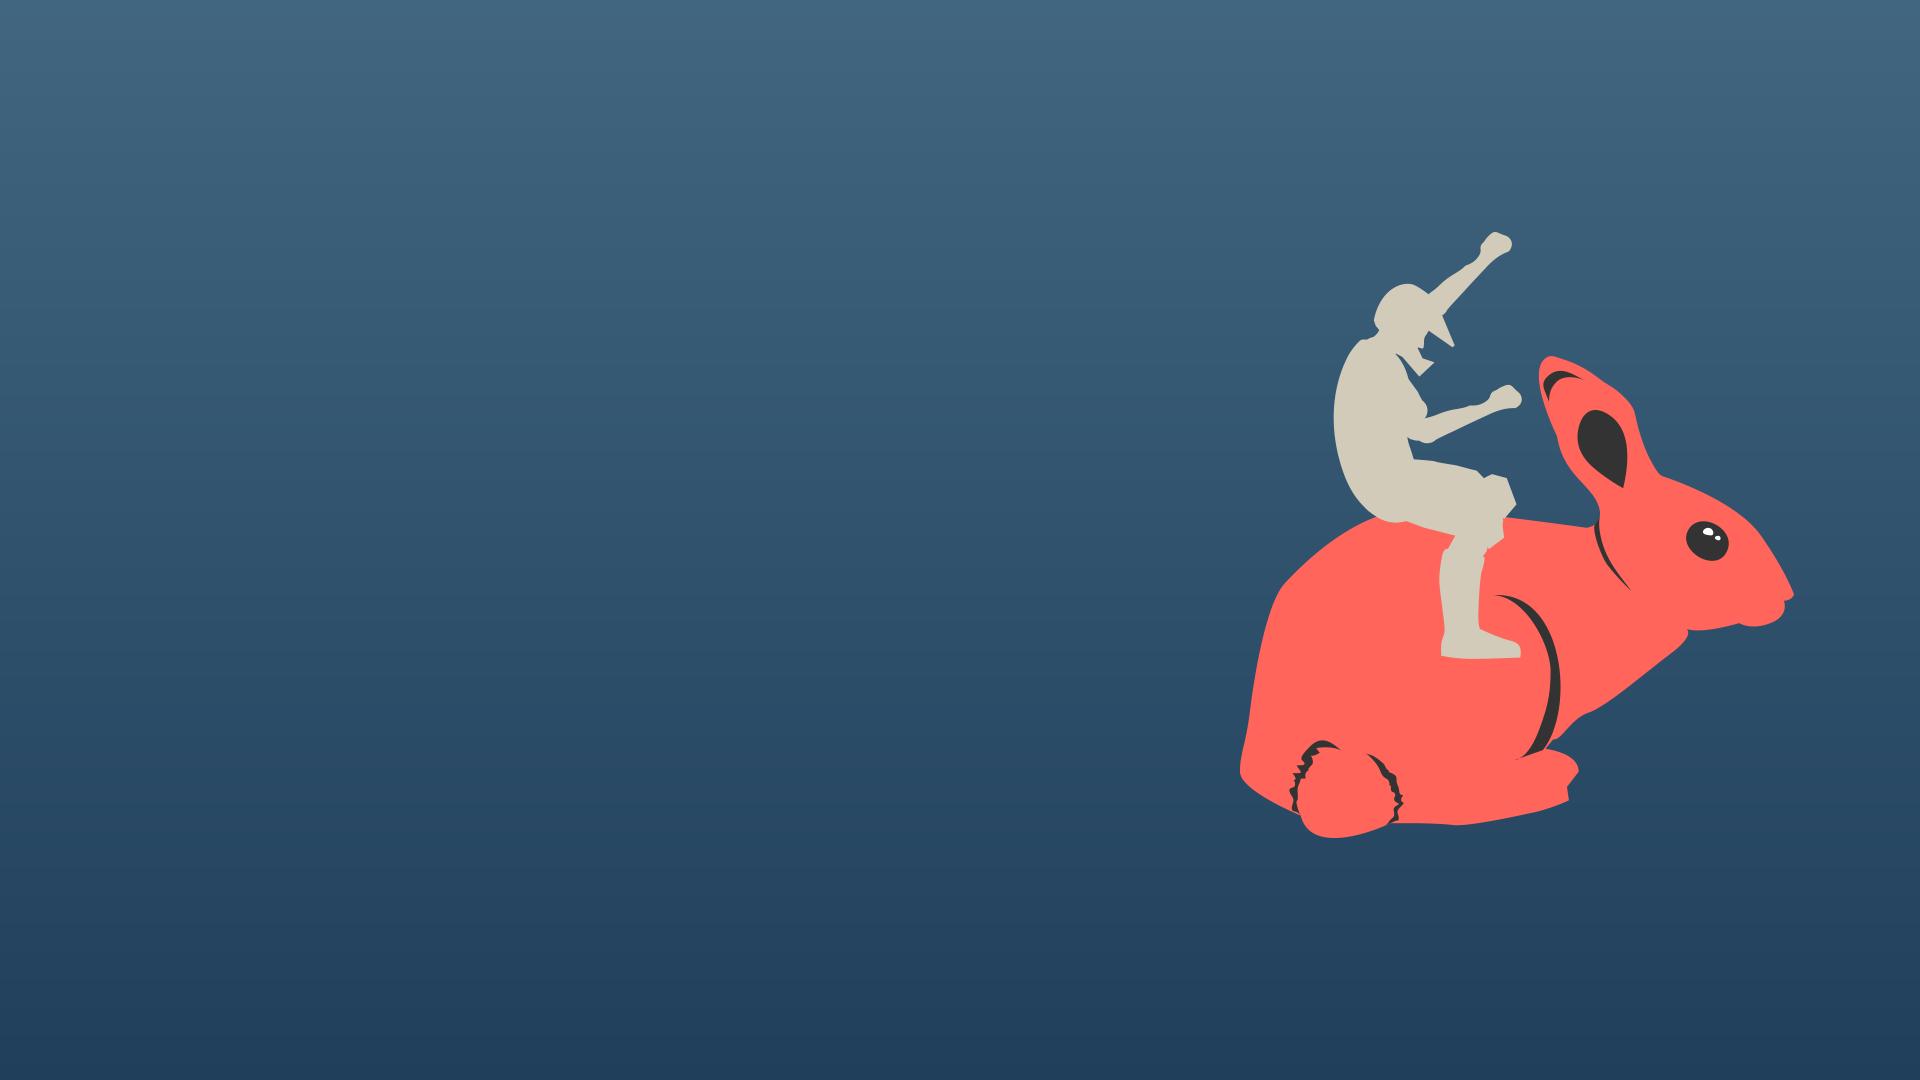 Icon for Rabbit One Zero